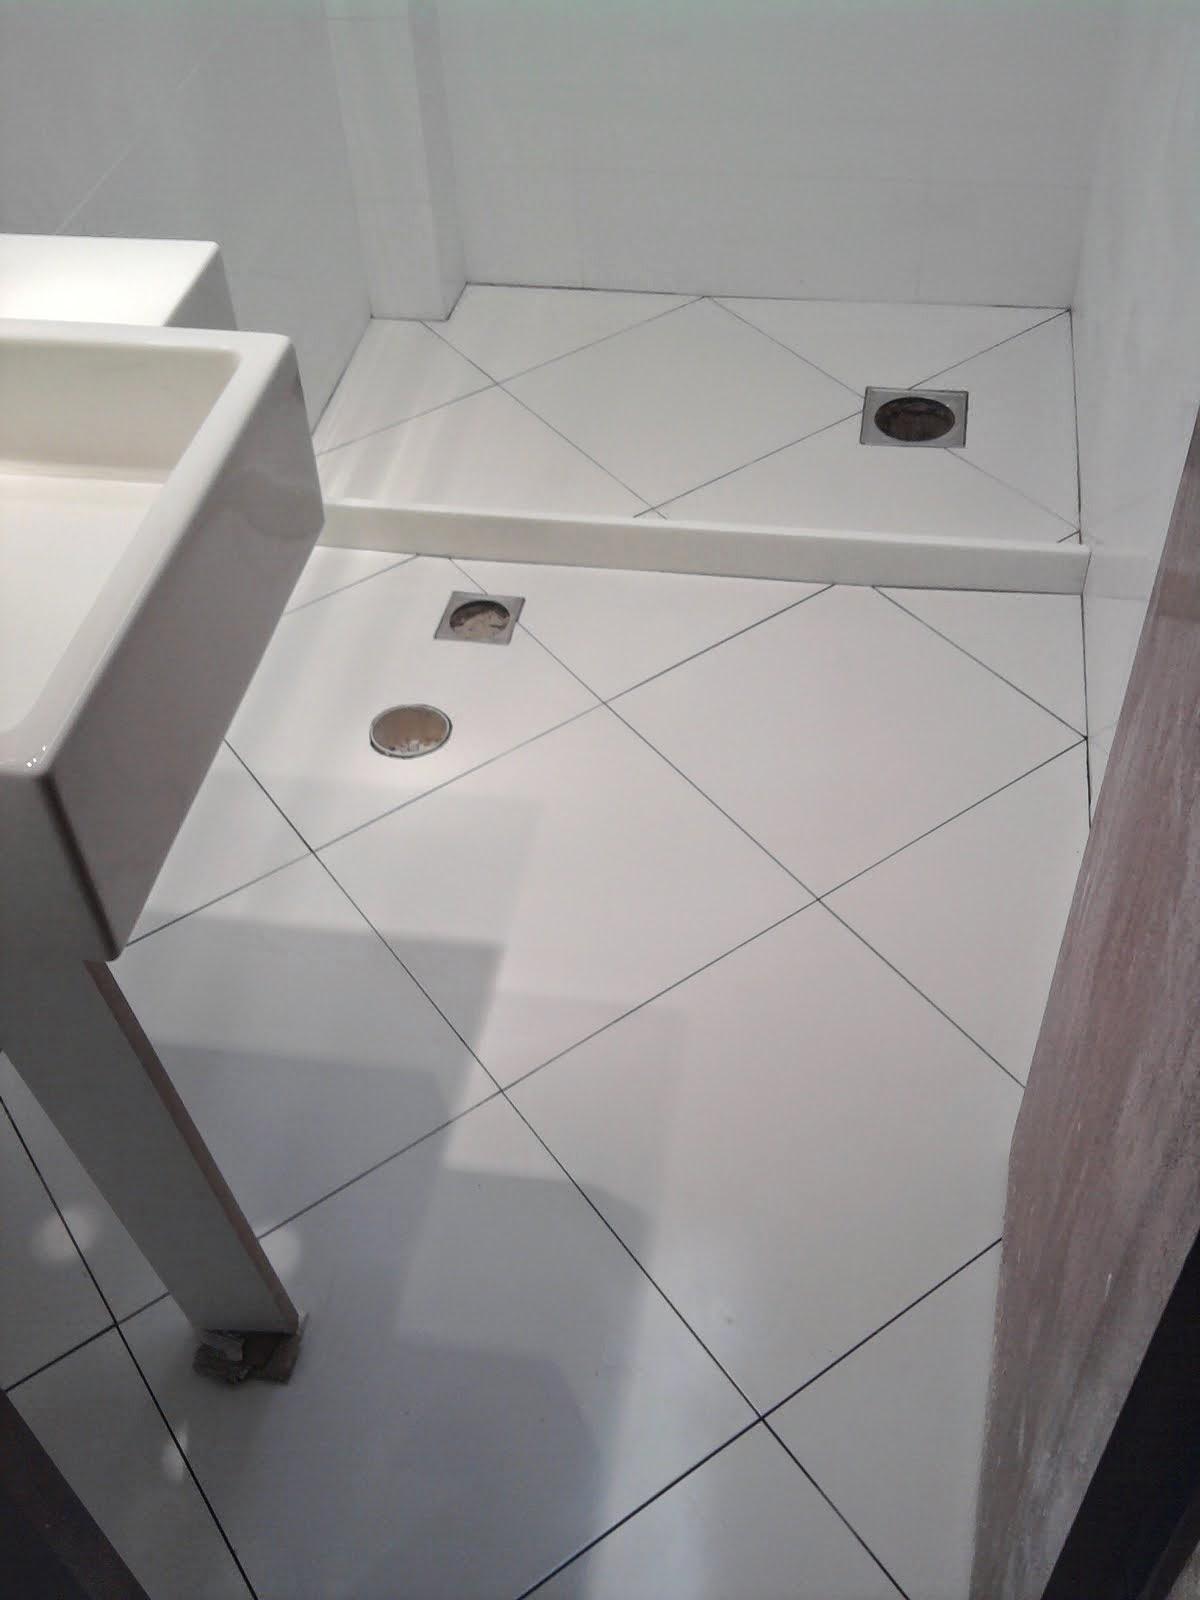 por pisos foscos e ou antiderrapantes para evitar escorregões #6B6360 1200 1600